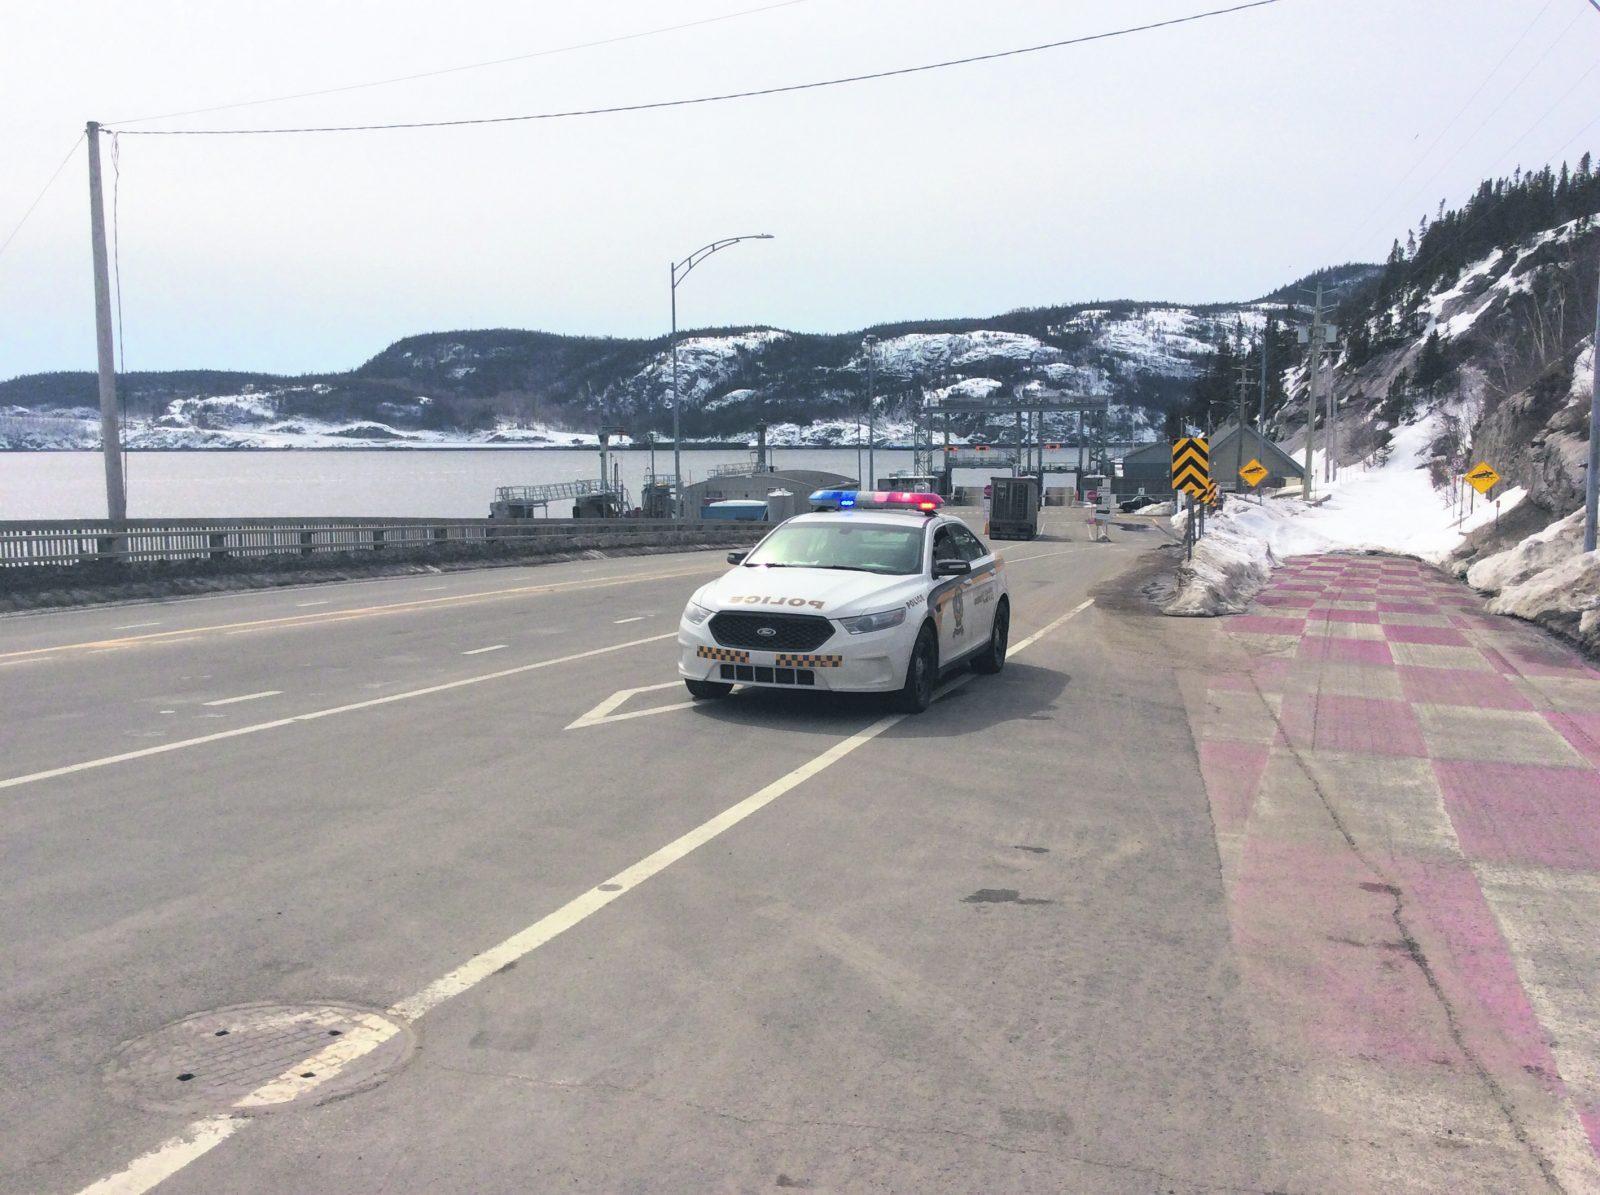 Barrages routiers levés à Tadoussac et Sacré-Cœur : la MRC de La Haute-Côte-Nord dénonce cette décision